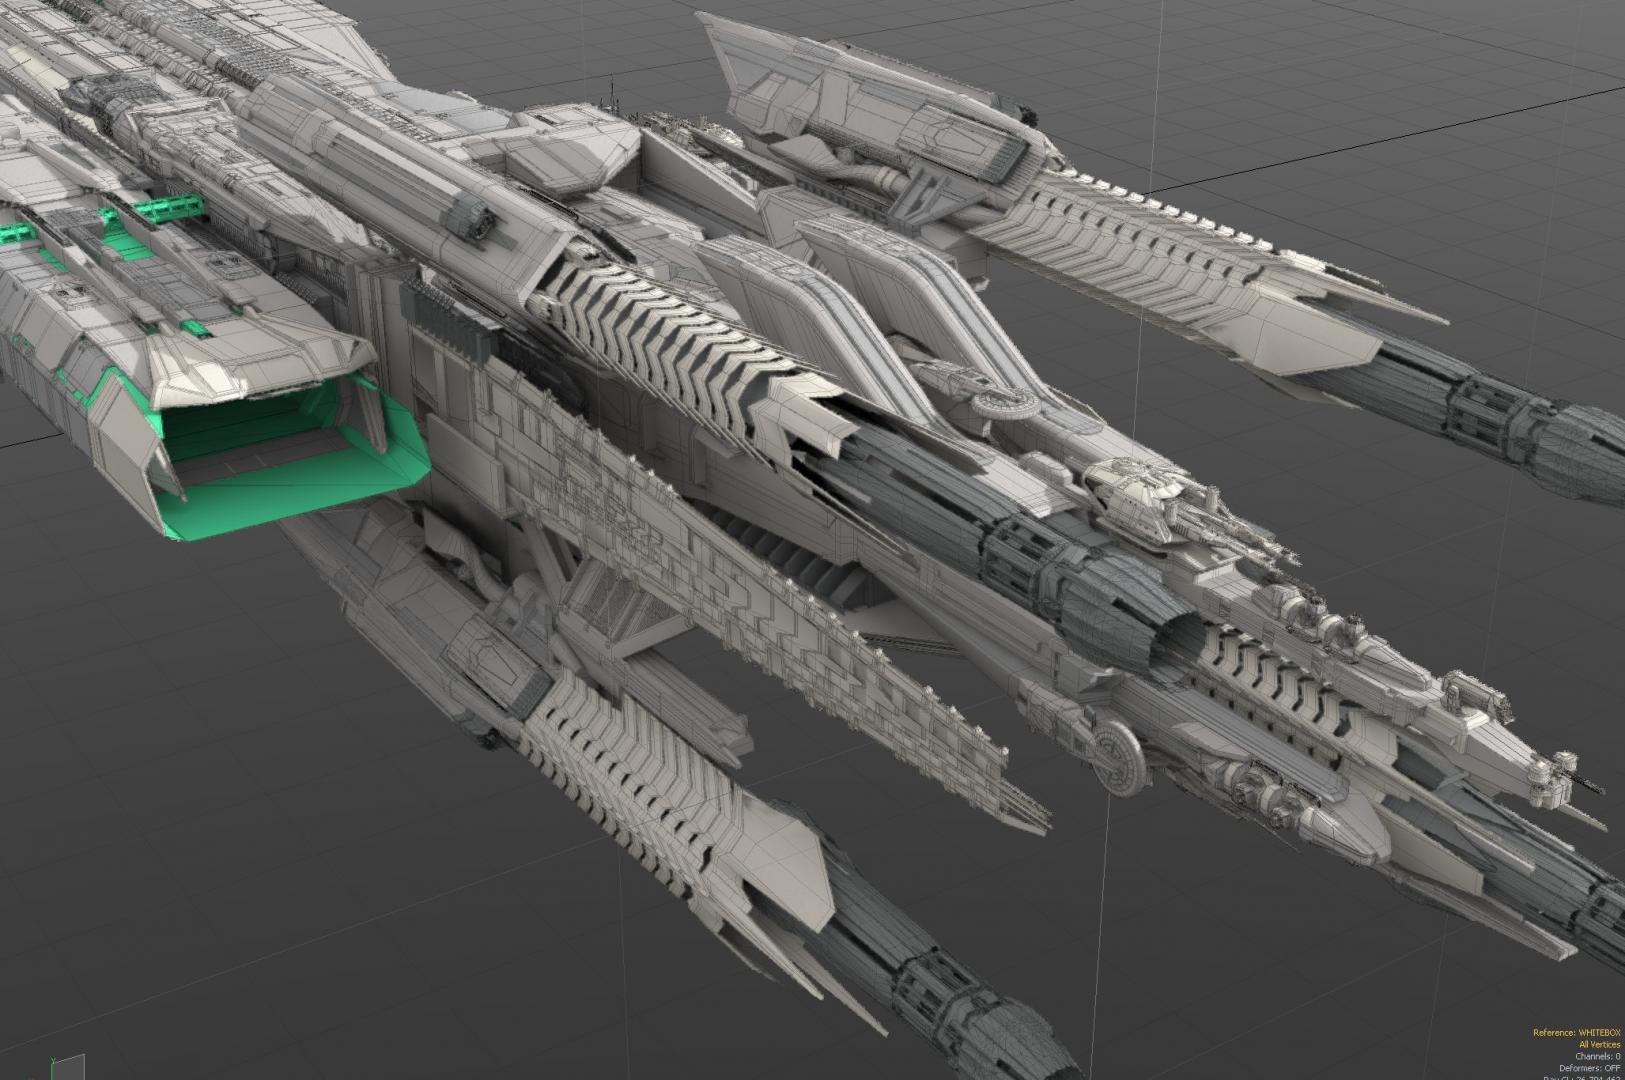 Pegasus_Whitebox_03.thumb.jpg.55347d4cbfe2ac92bc4f9ba4b94cc16e.jpg